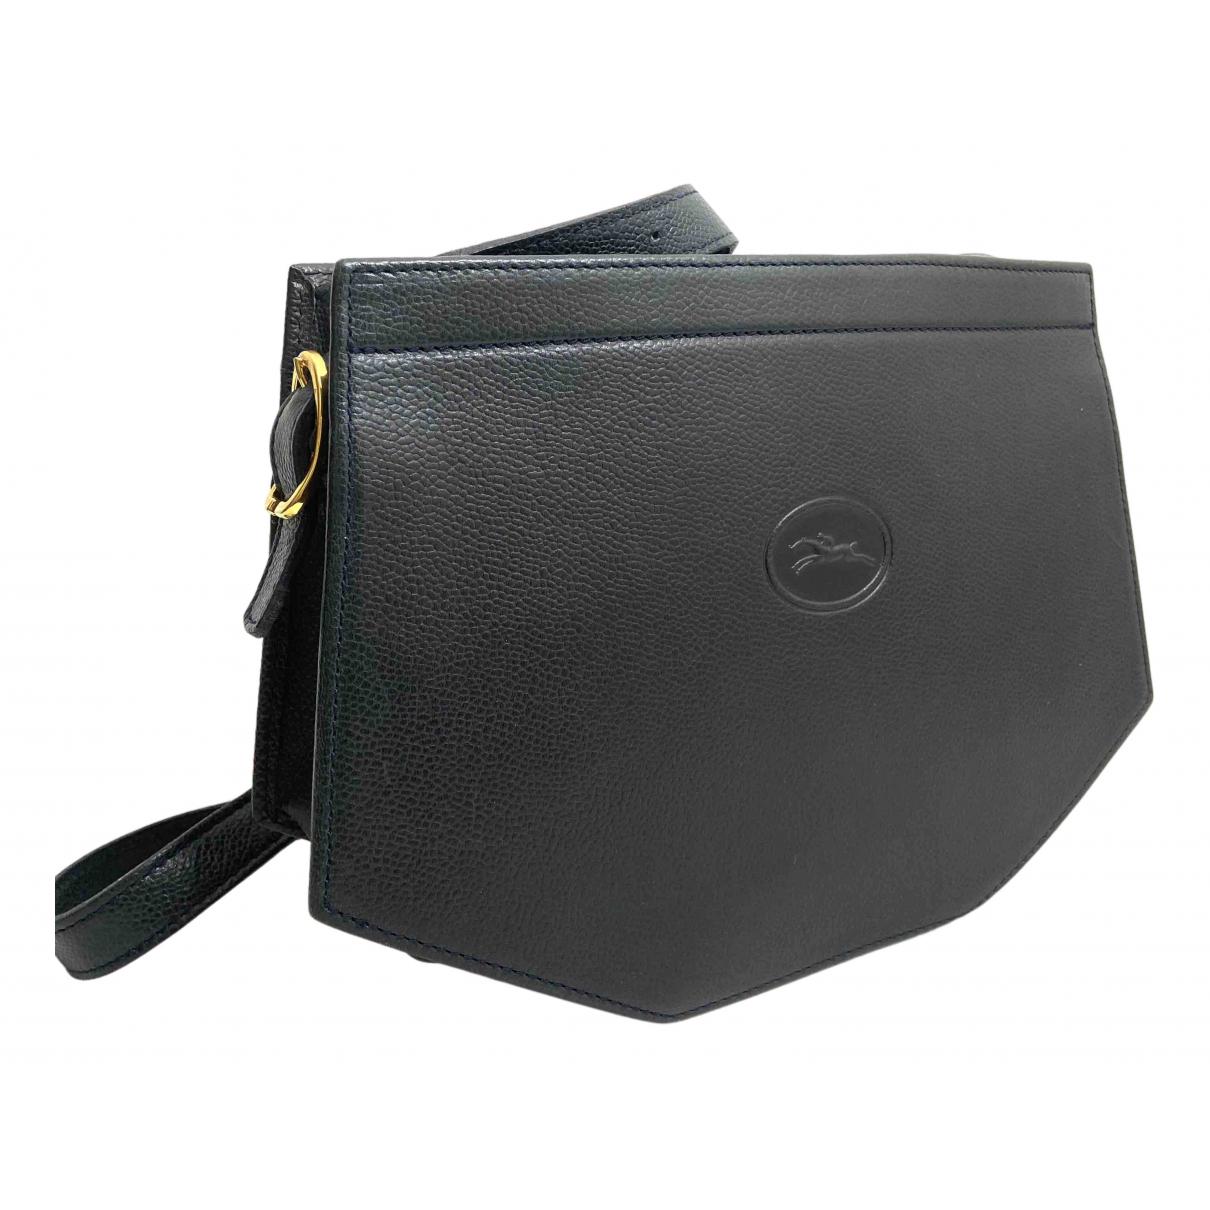 Longchamp N Blue Leather handbag for Women N